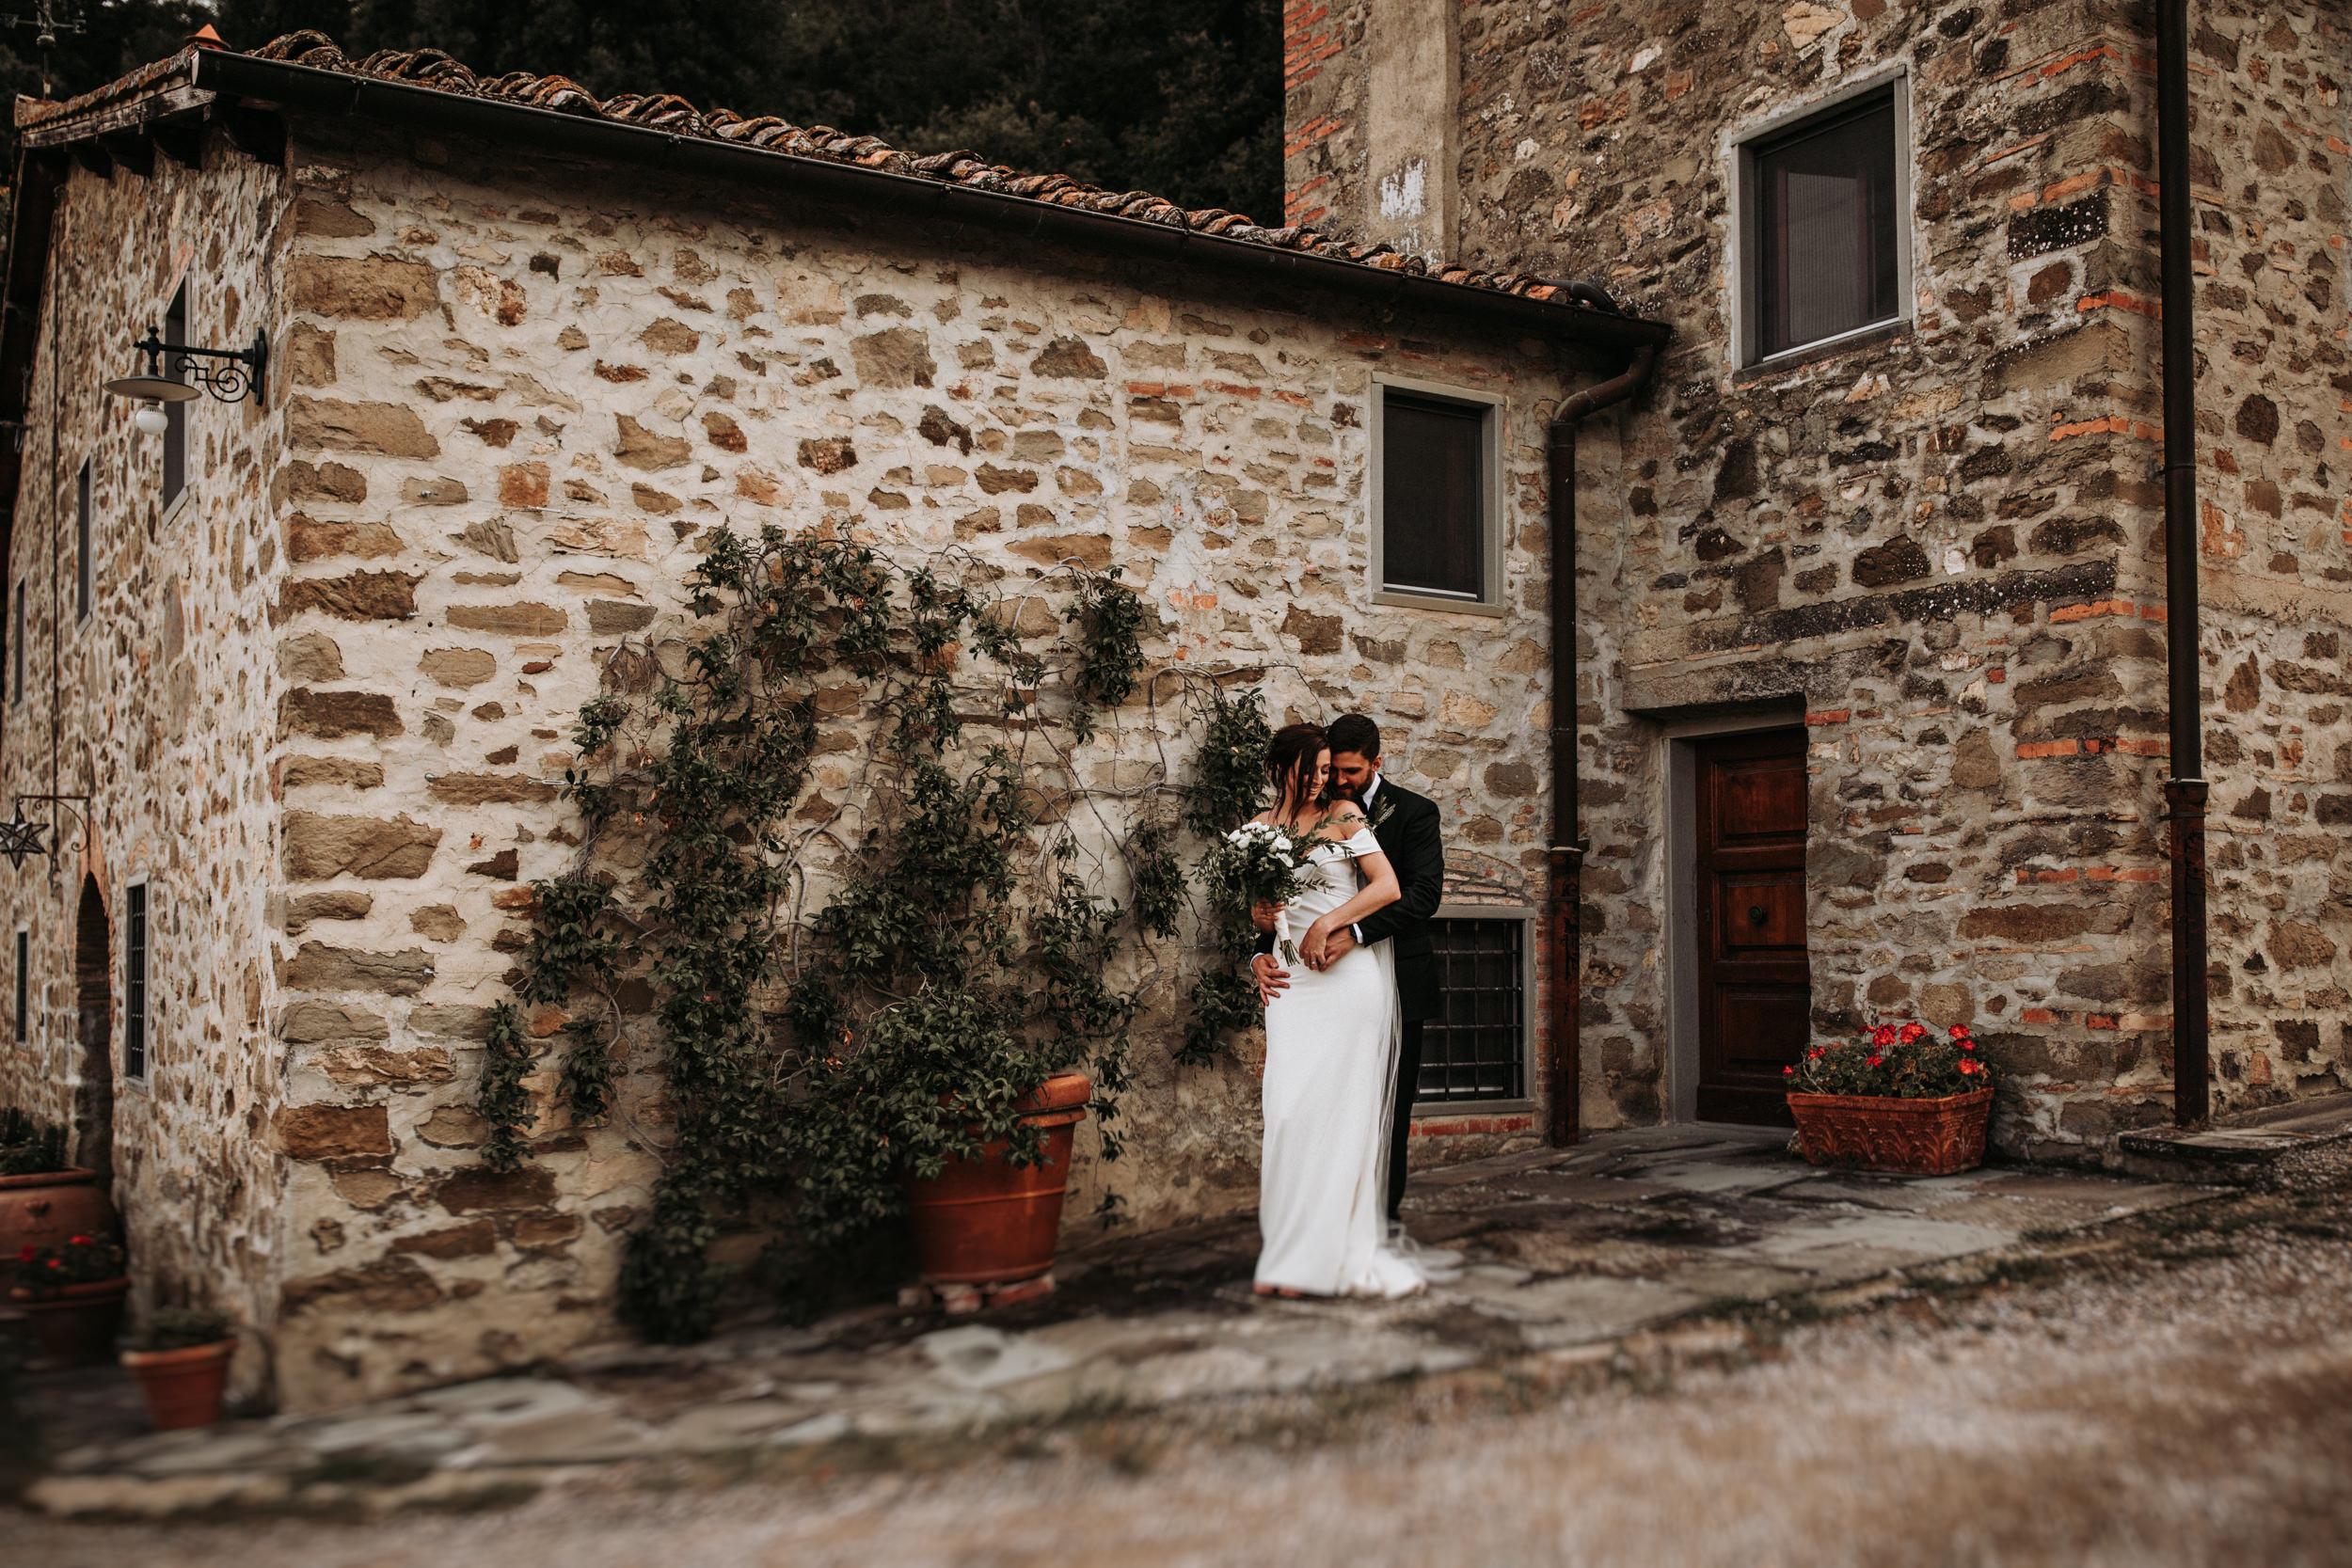 dm_photography_KW_Tuscanyweddingday_318